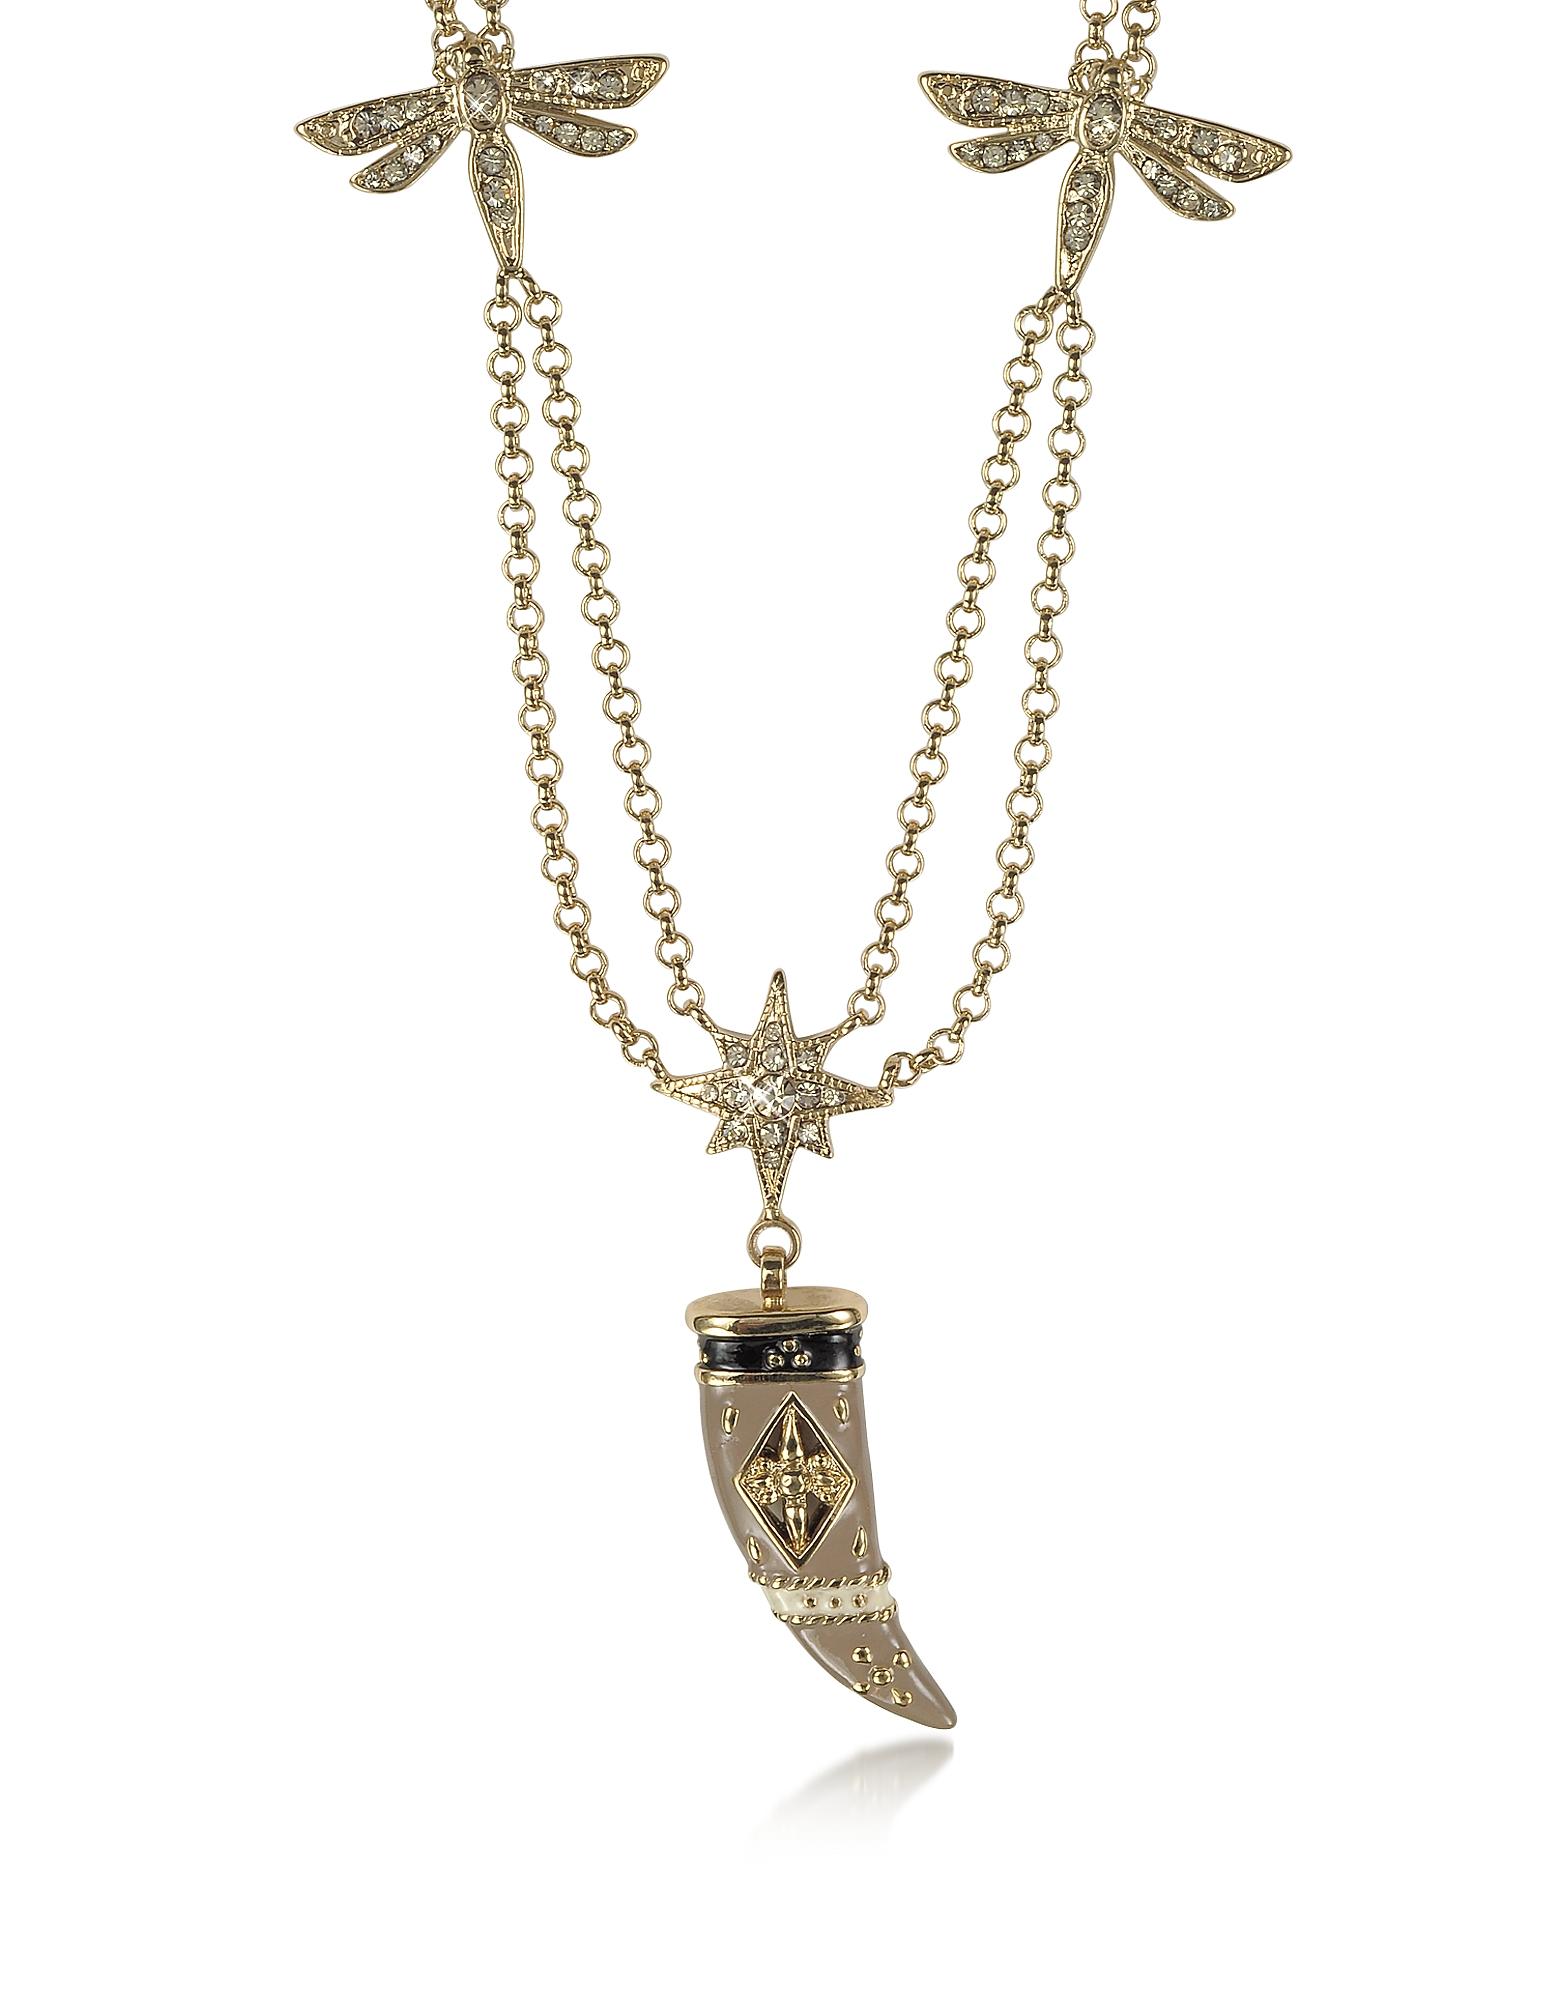 Фото Длинное Ожерелье с Двойной Цепочкой из Золотистого Металла с Рожком из Эмали и Кристаллов. Купить с доставкой